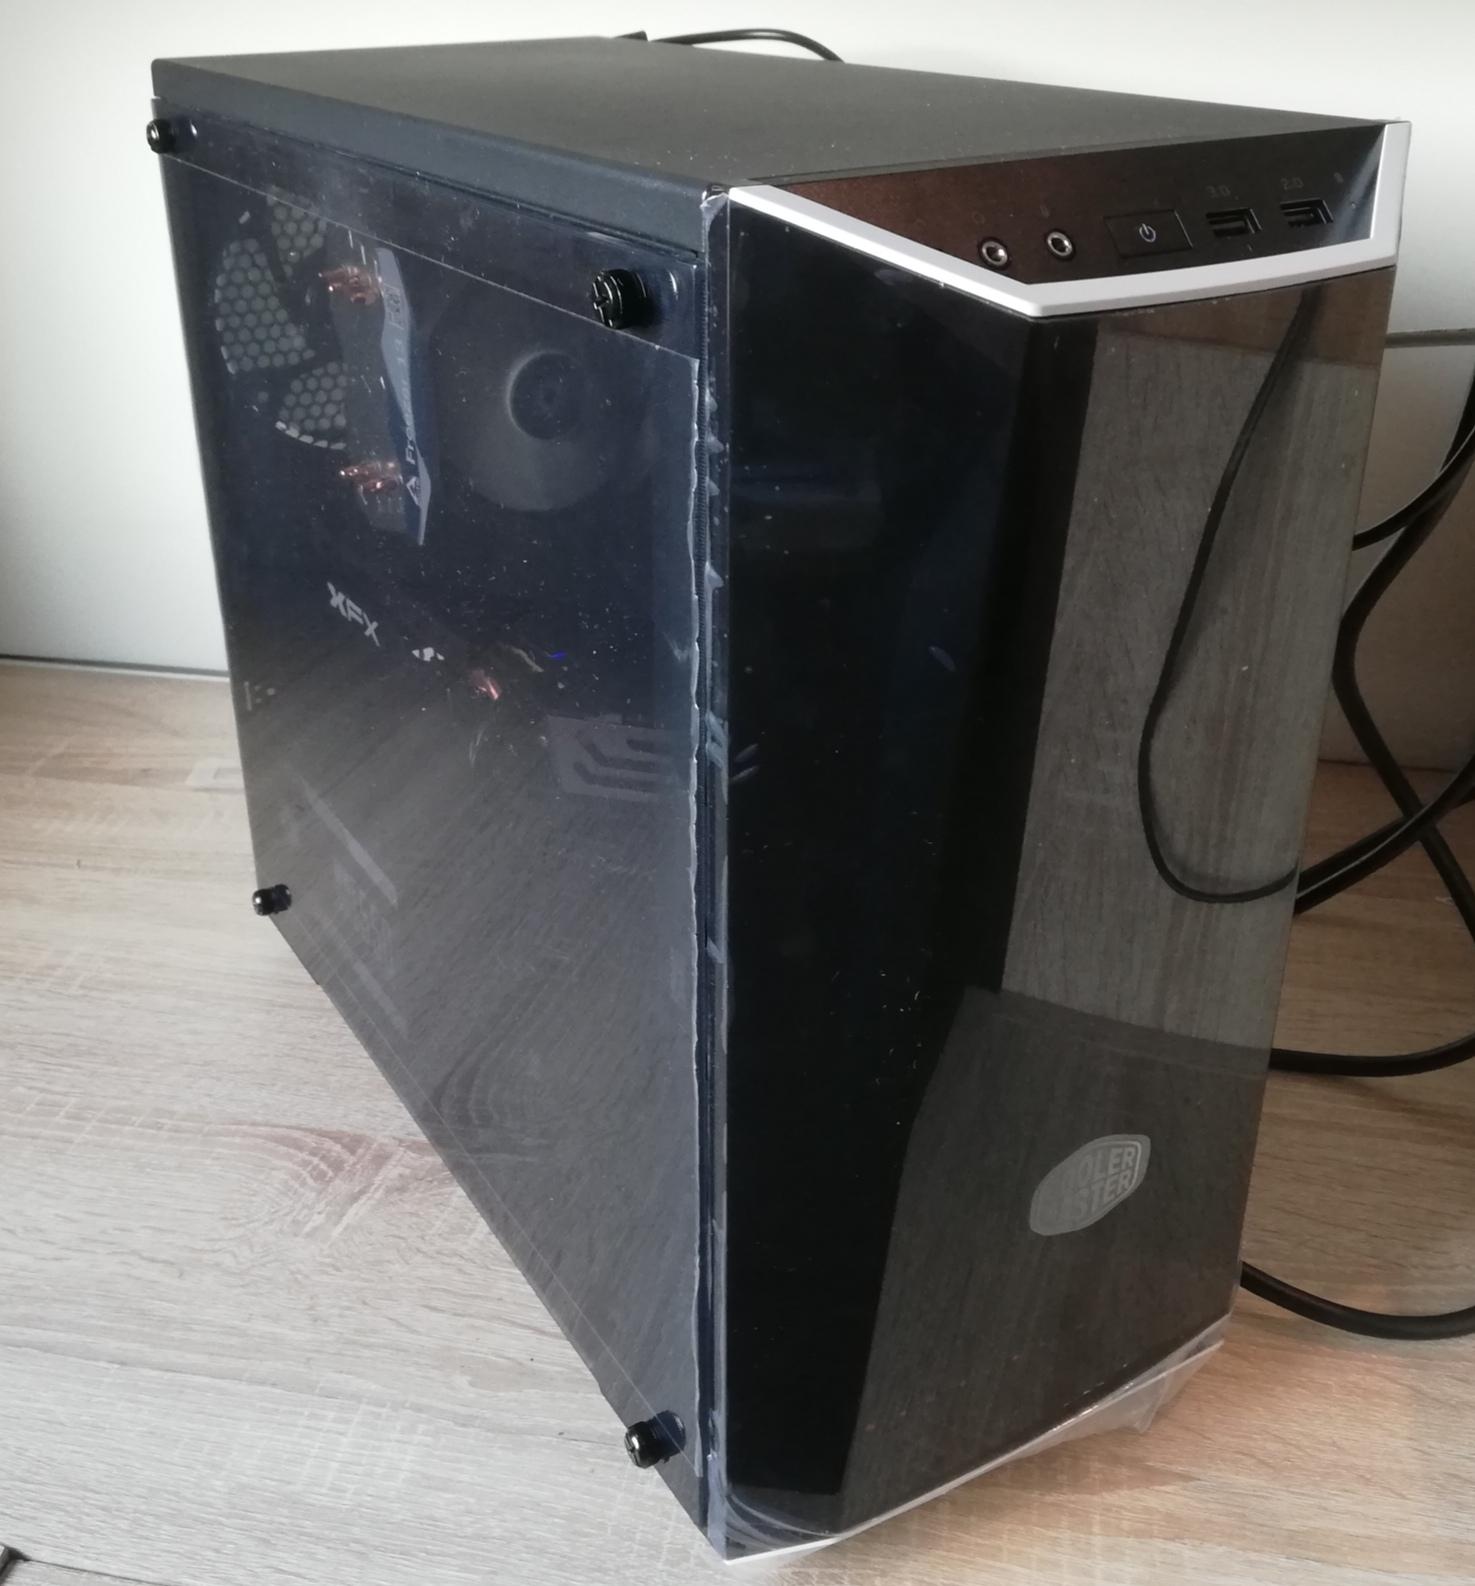 Mid-range Game PC